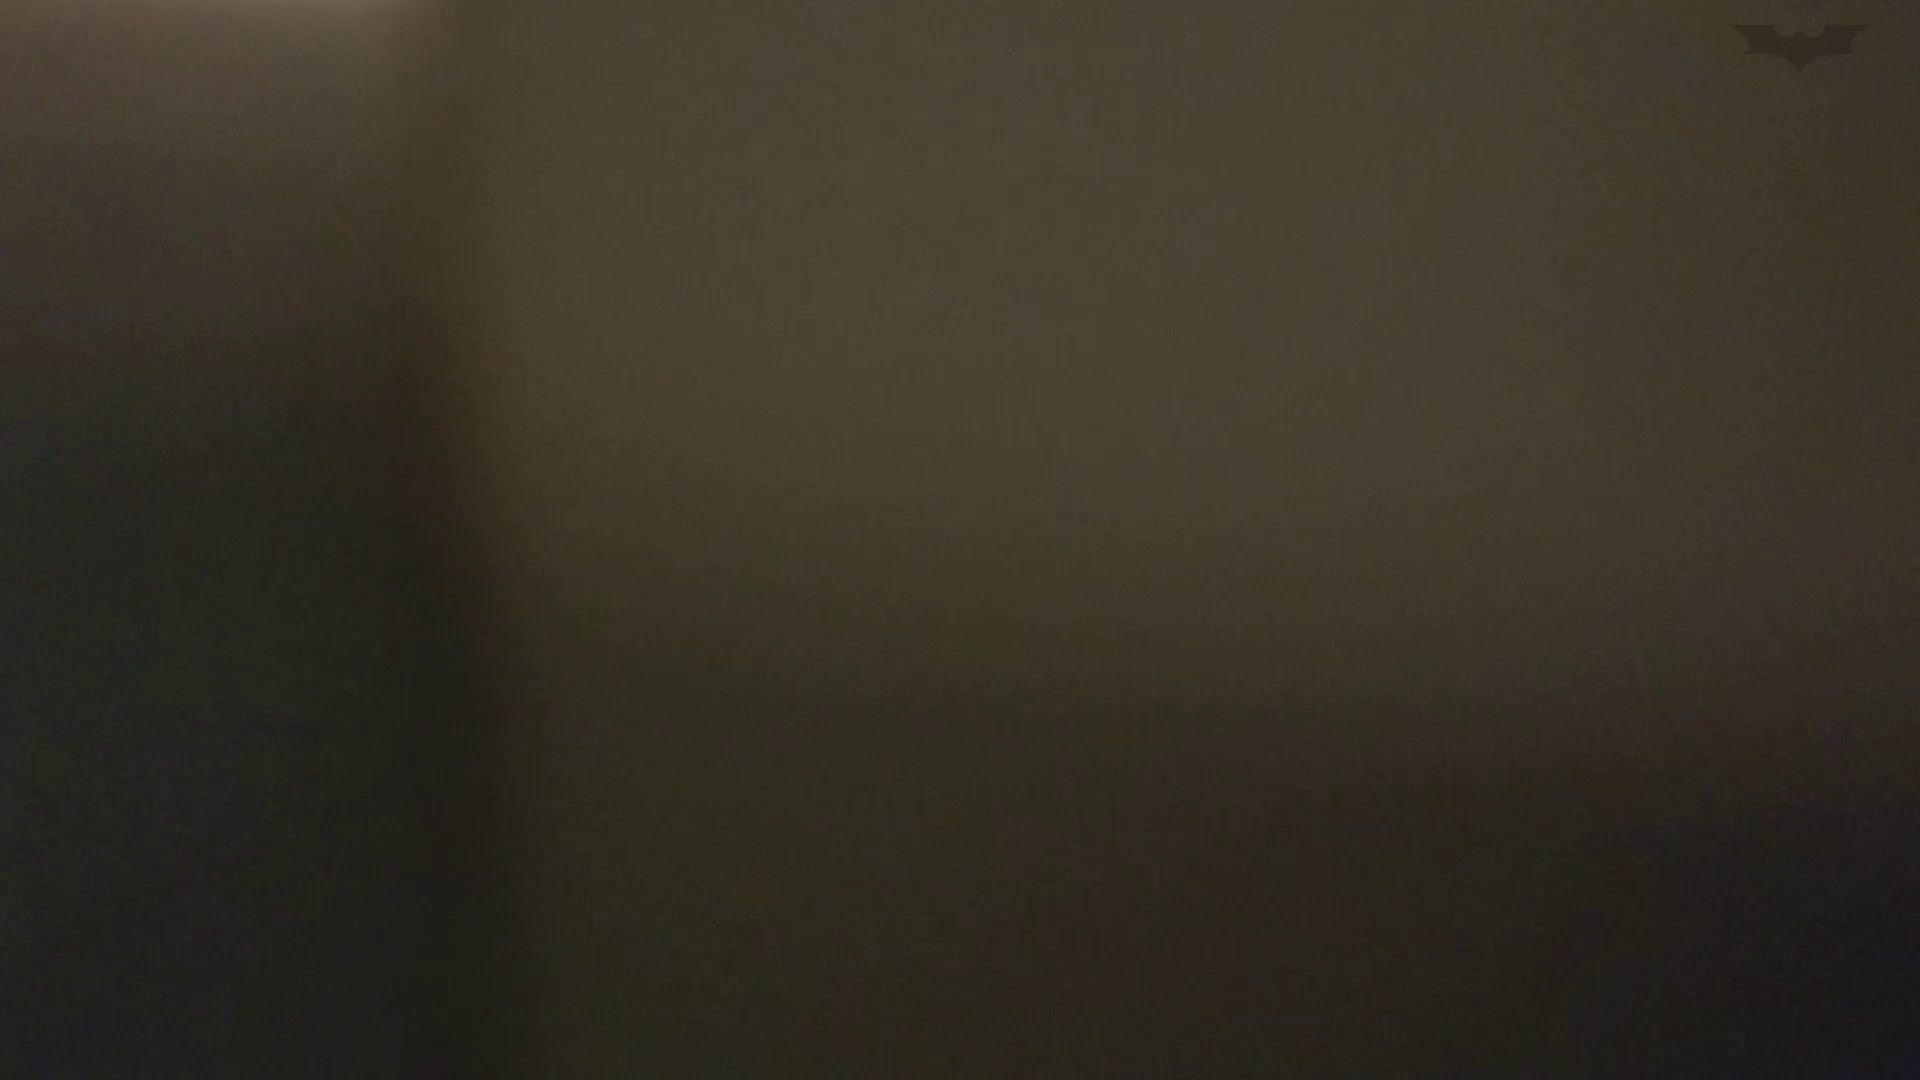 化粧室絵巻 ショッピングモール編 VOL.22 美肌 性交動画流出 111枚 75